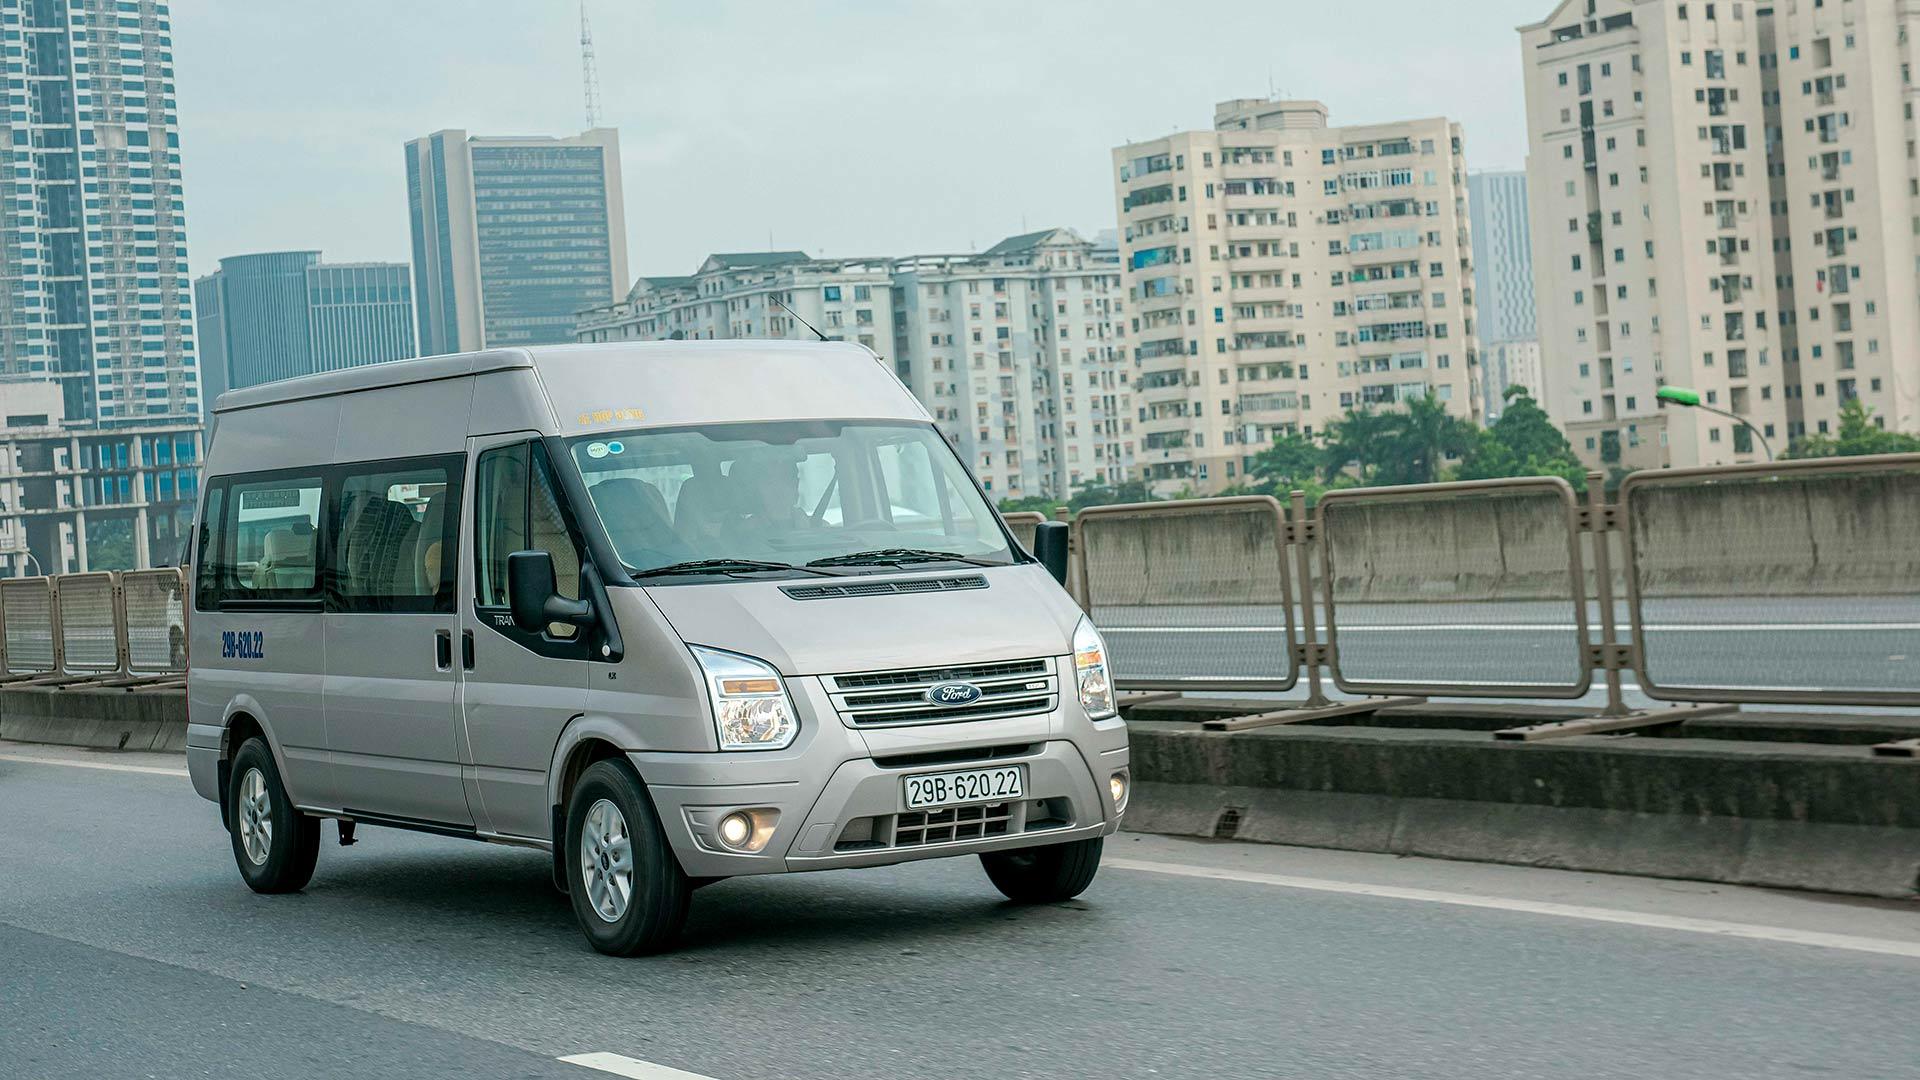 Ford Transit được mở rộng chế độ bảo hành lên tới 200.000 km ford-transit-08-1.jpg